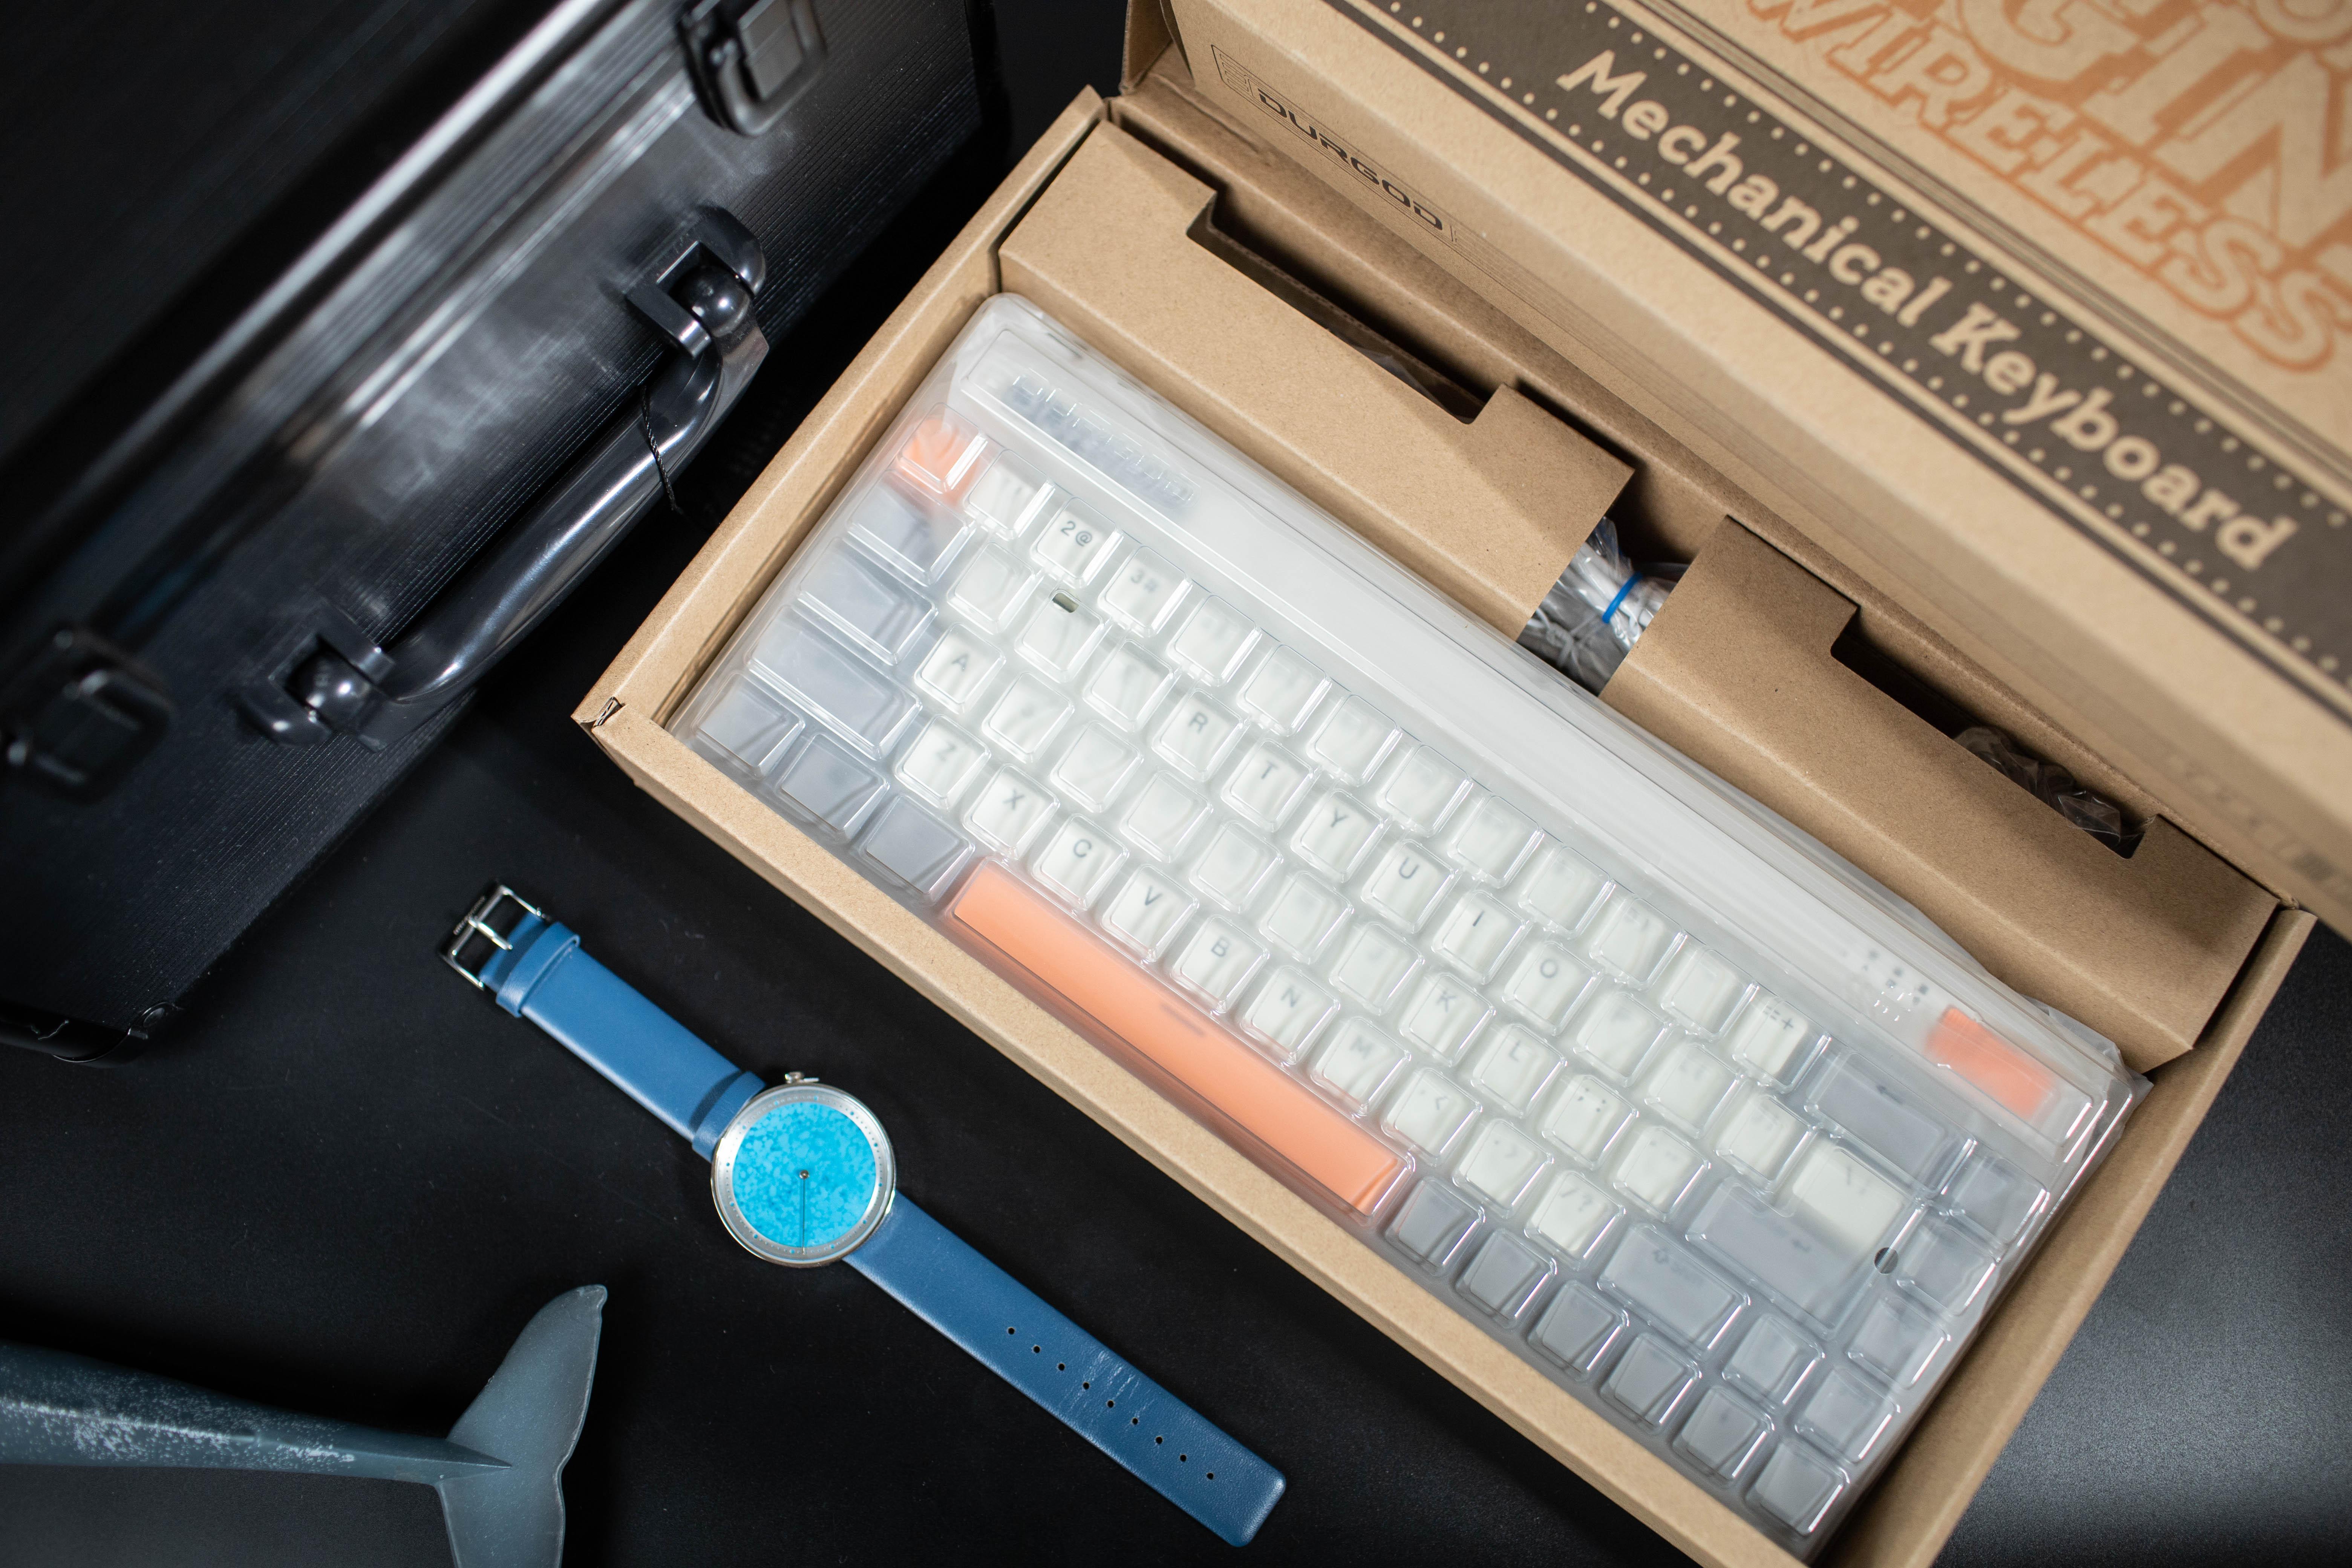 68键无线三模,复古机械短键盘,杜伽Fusion68开箱